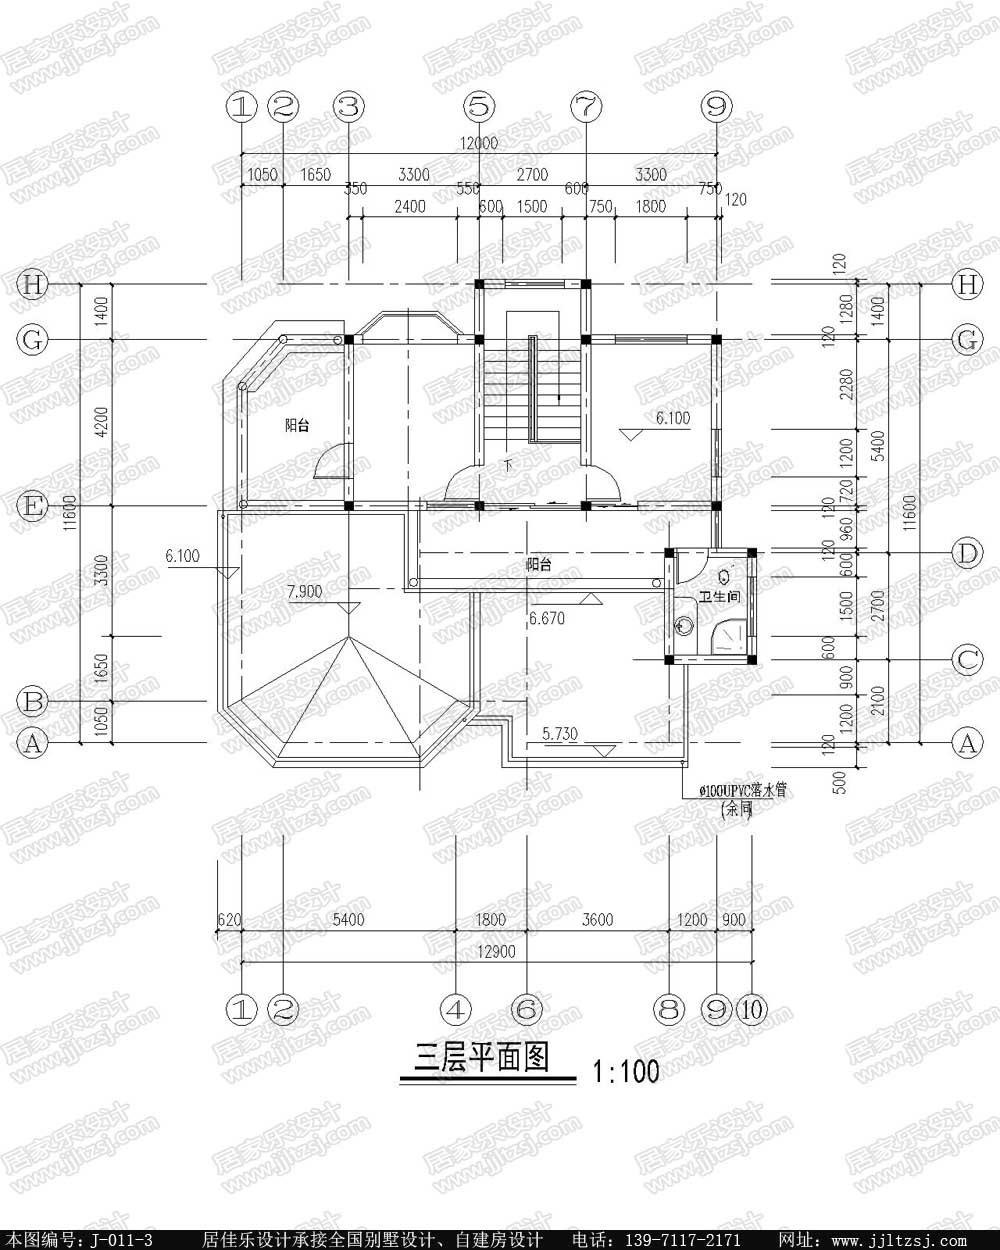 农村房屋自建房三层别墅设计施工图,13.1x13.8米,28-36万建成